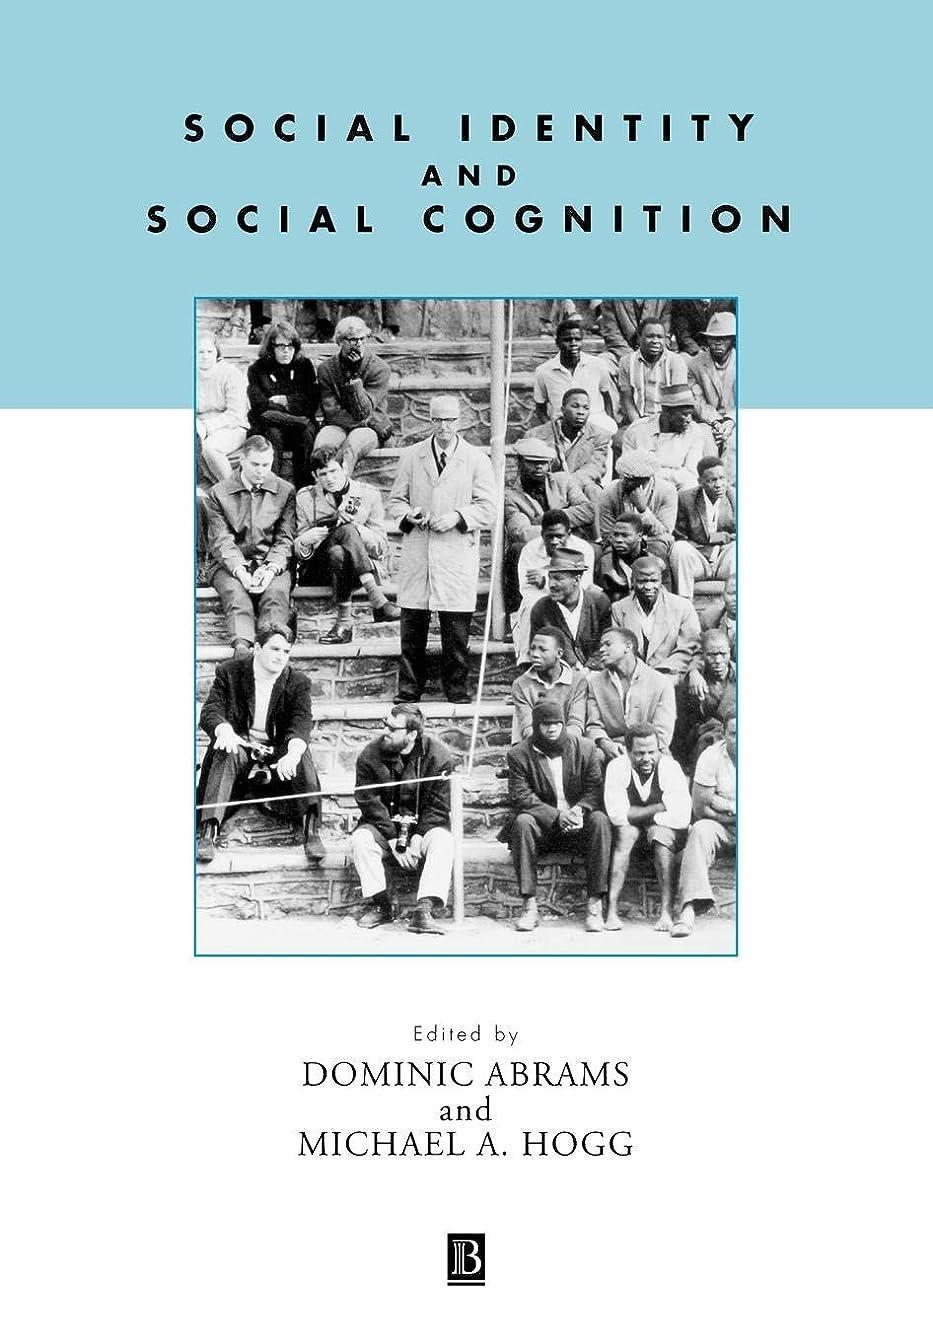 横ファブリック神Social Identity and Social Cognition